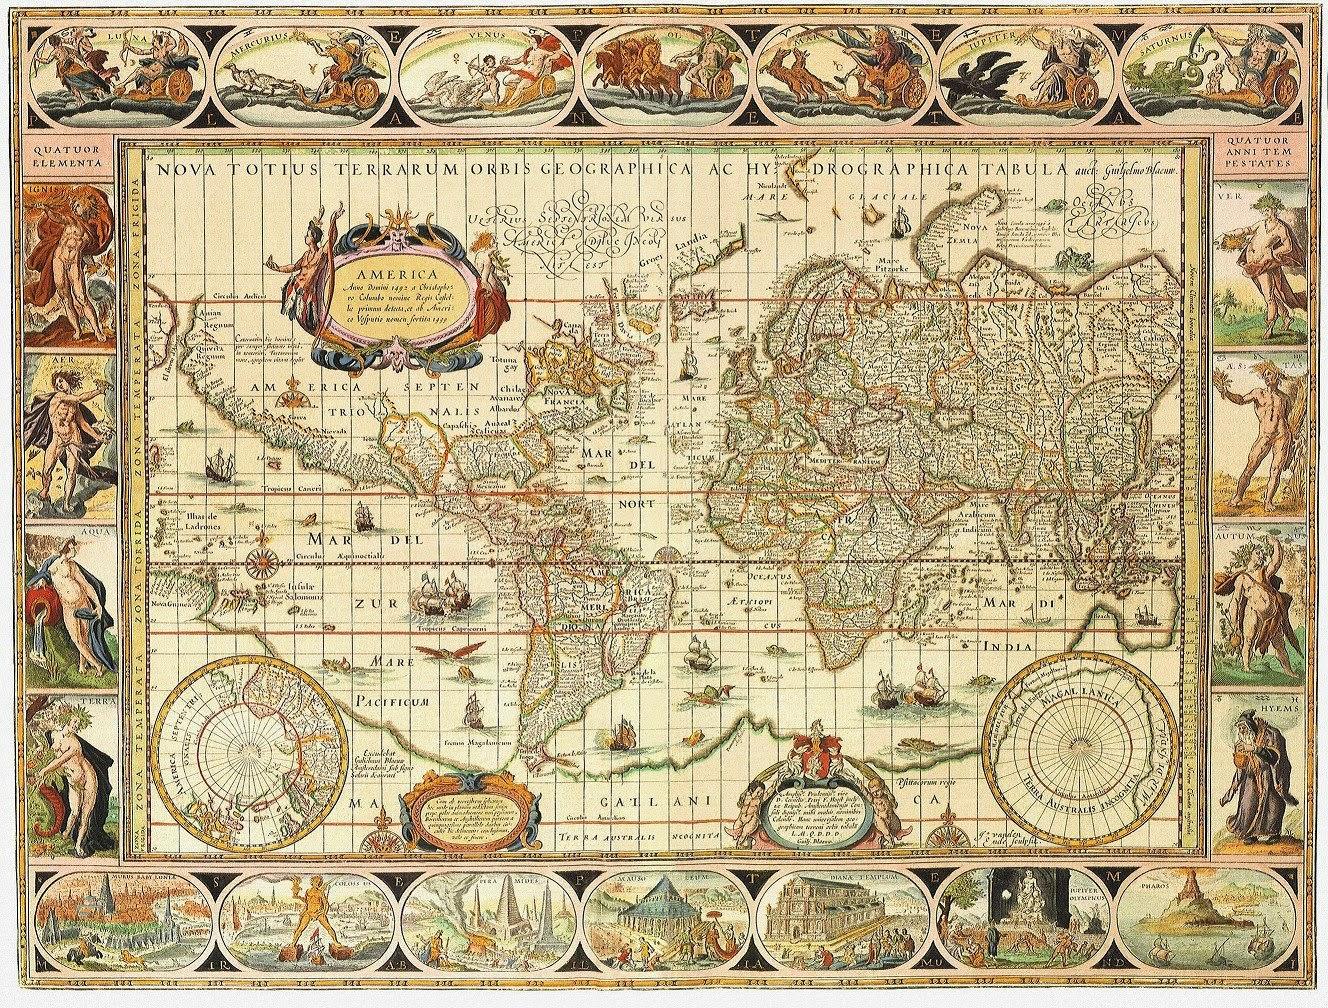 Artyma a mapas motos y cosas de escritorio - Laminas antiguas para cuadros ...